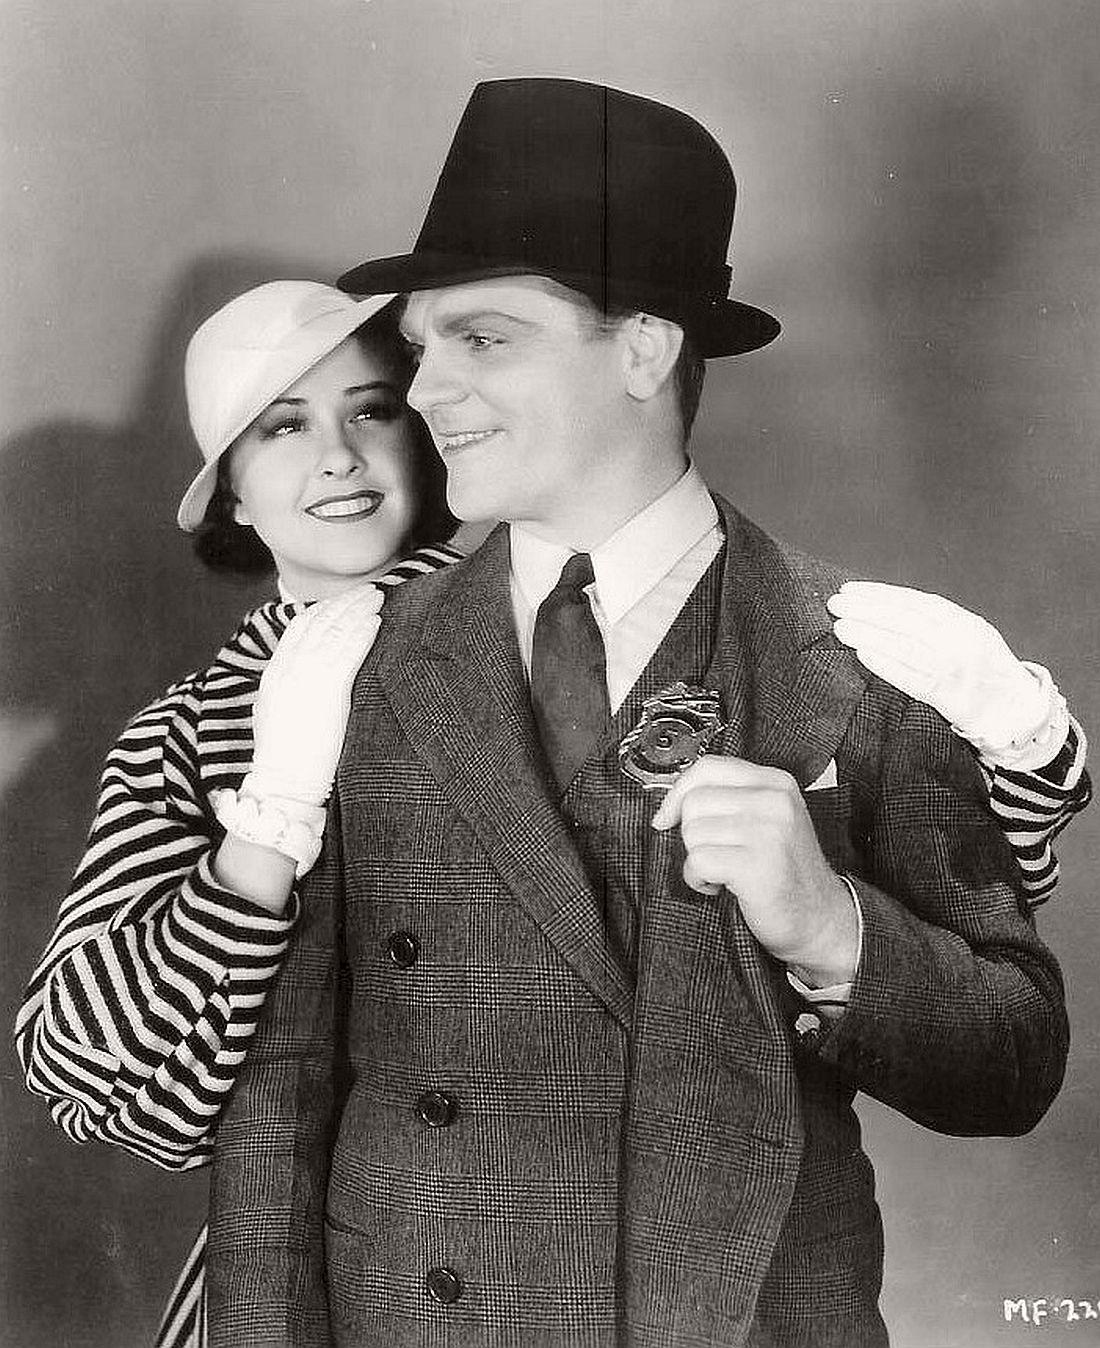 g-men-1935-behind-the-scenes-making-film-10